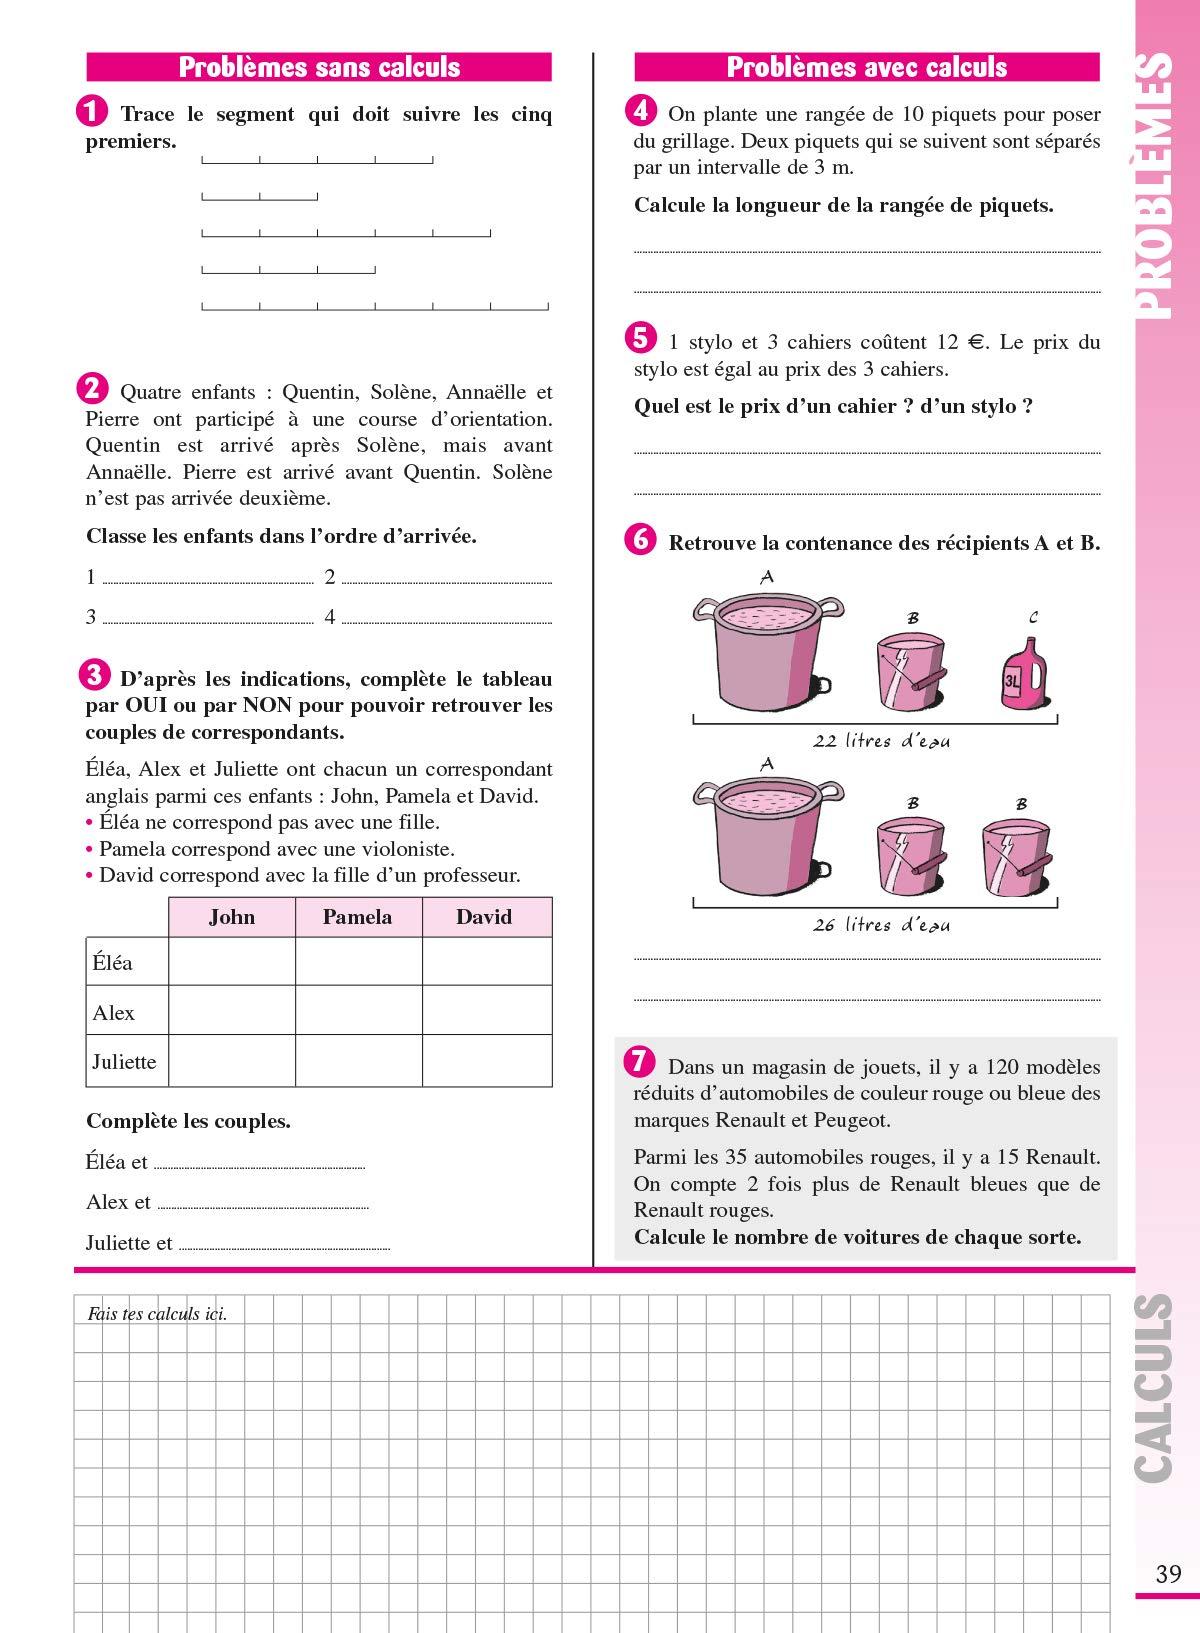 Les Cahiers Bordas Cahier De Problemes De Maths Cm1 Amazon Co Uk Charles Alain Blanchis Francoise Perroud Benoit 9782047351598 Books